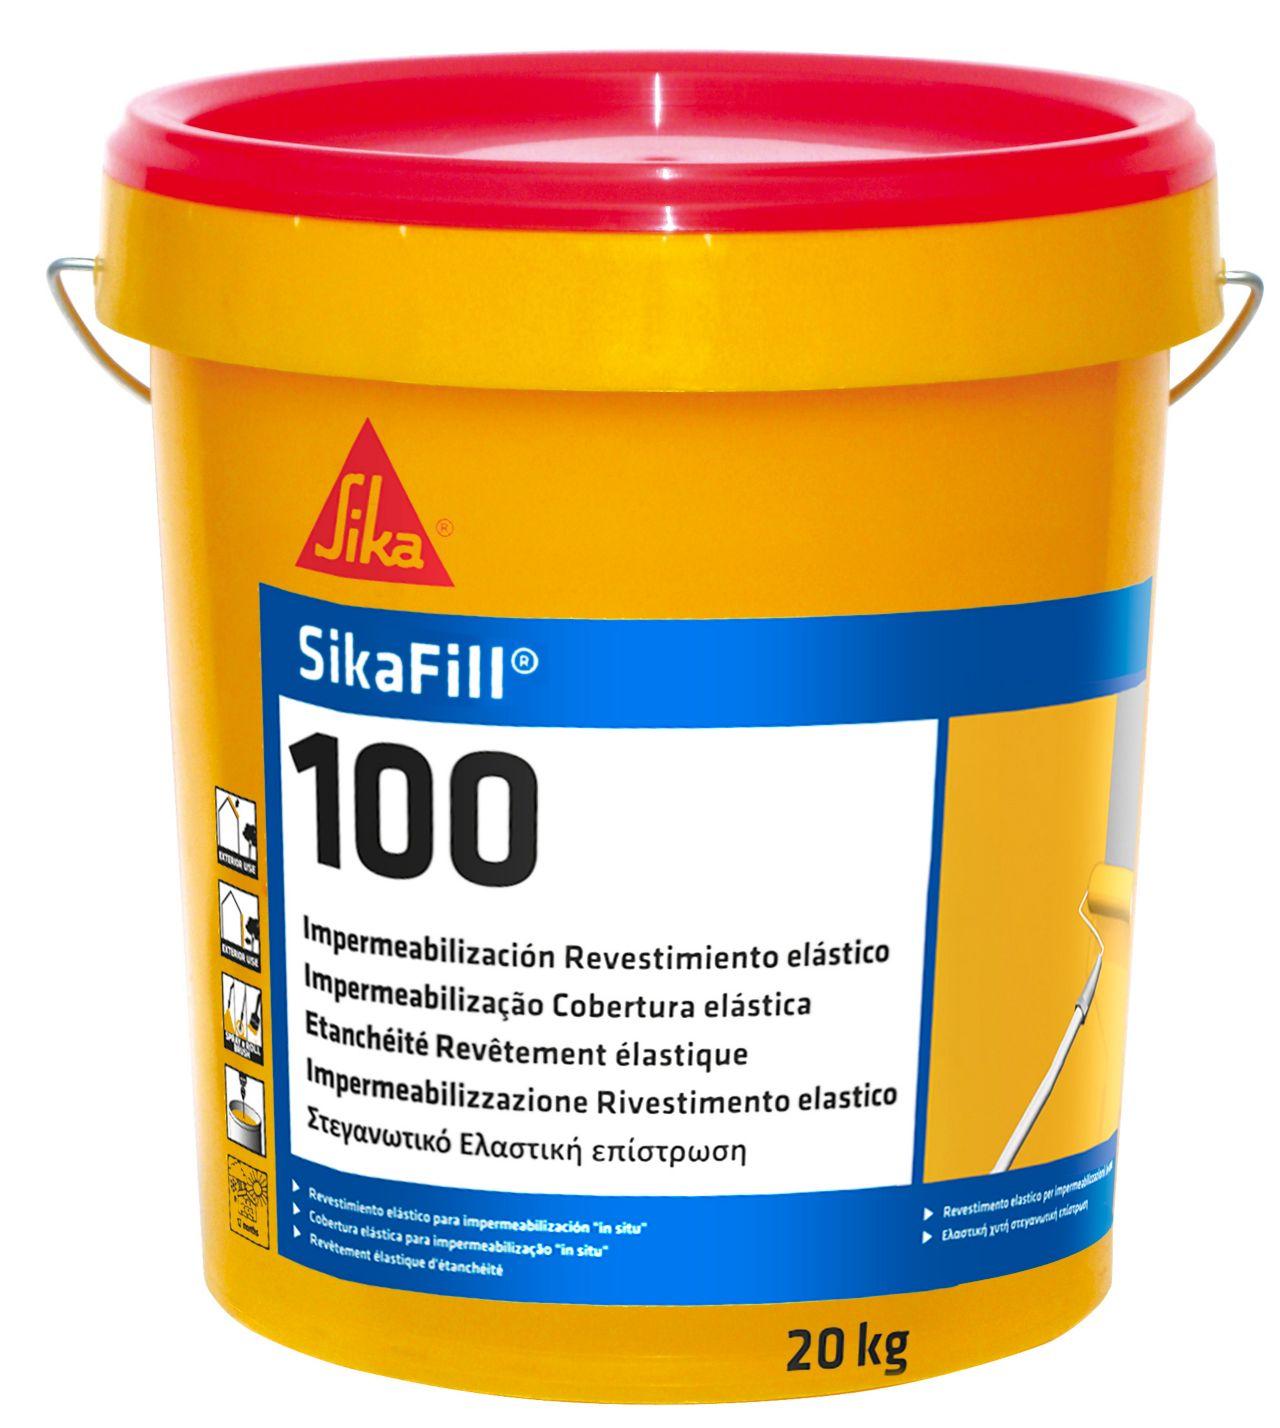 sikafill-100